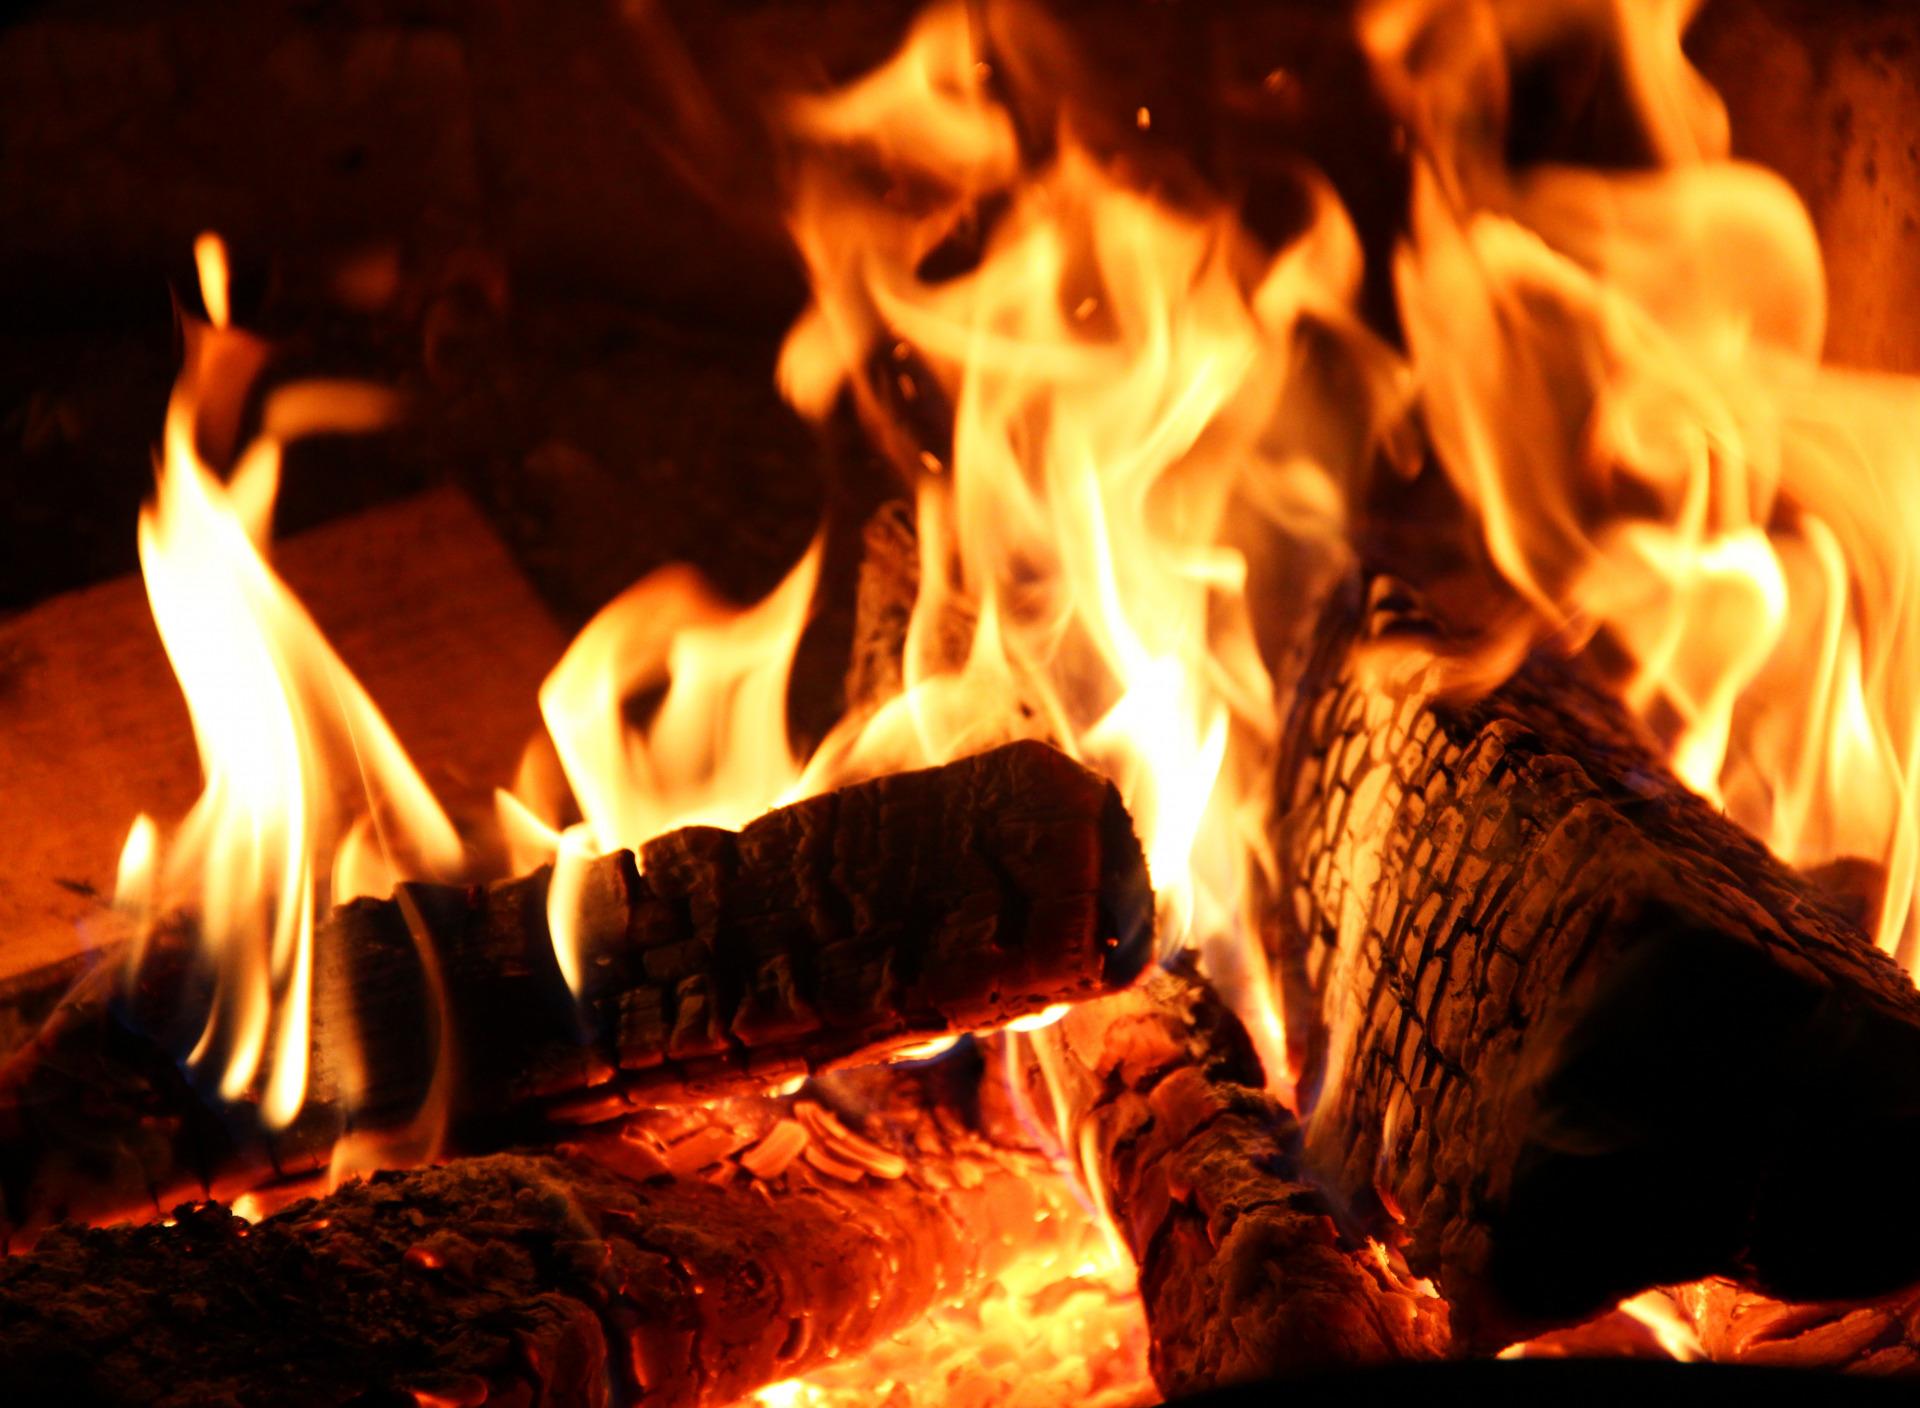 время картинки огонь в хорошем качестве пути своём